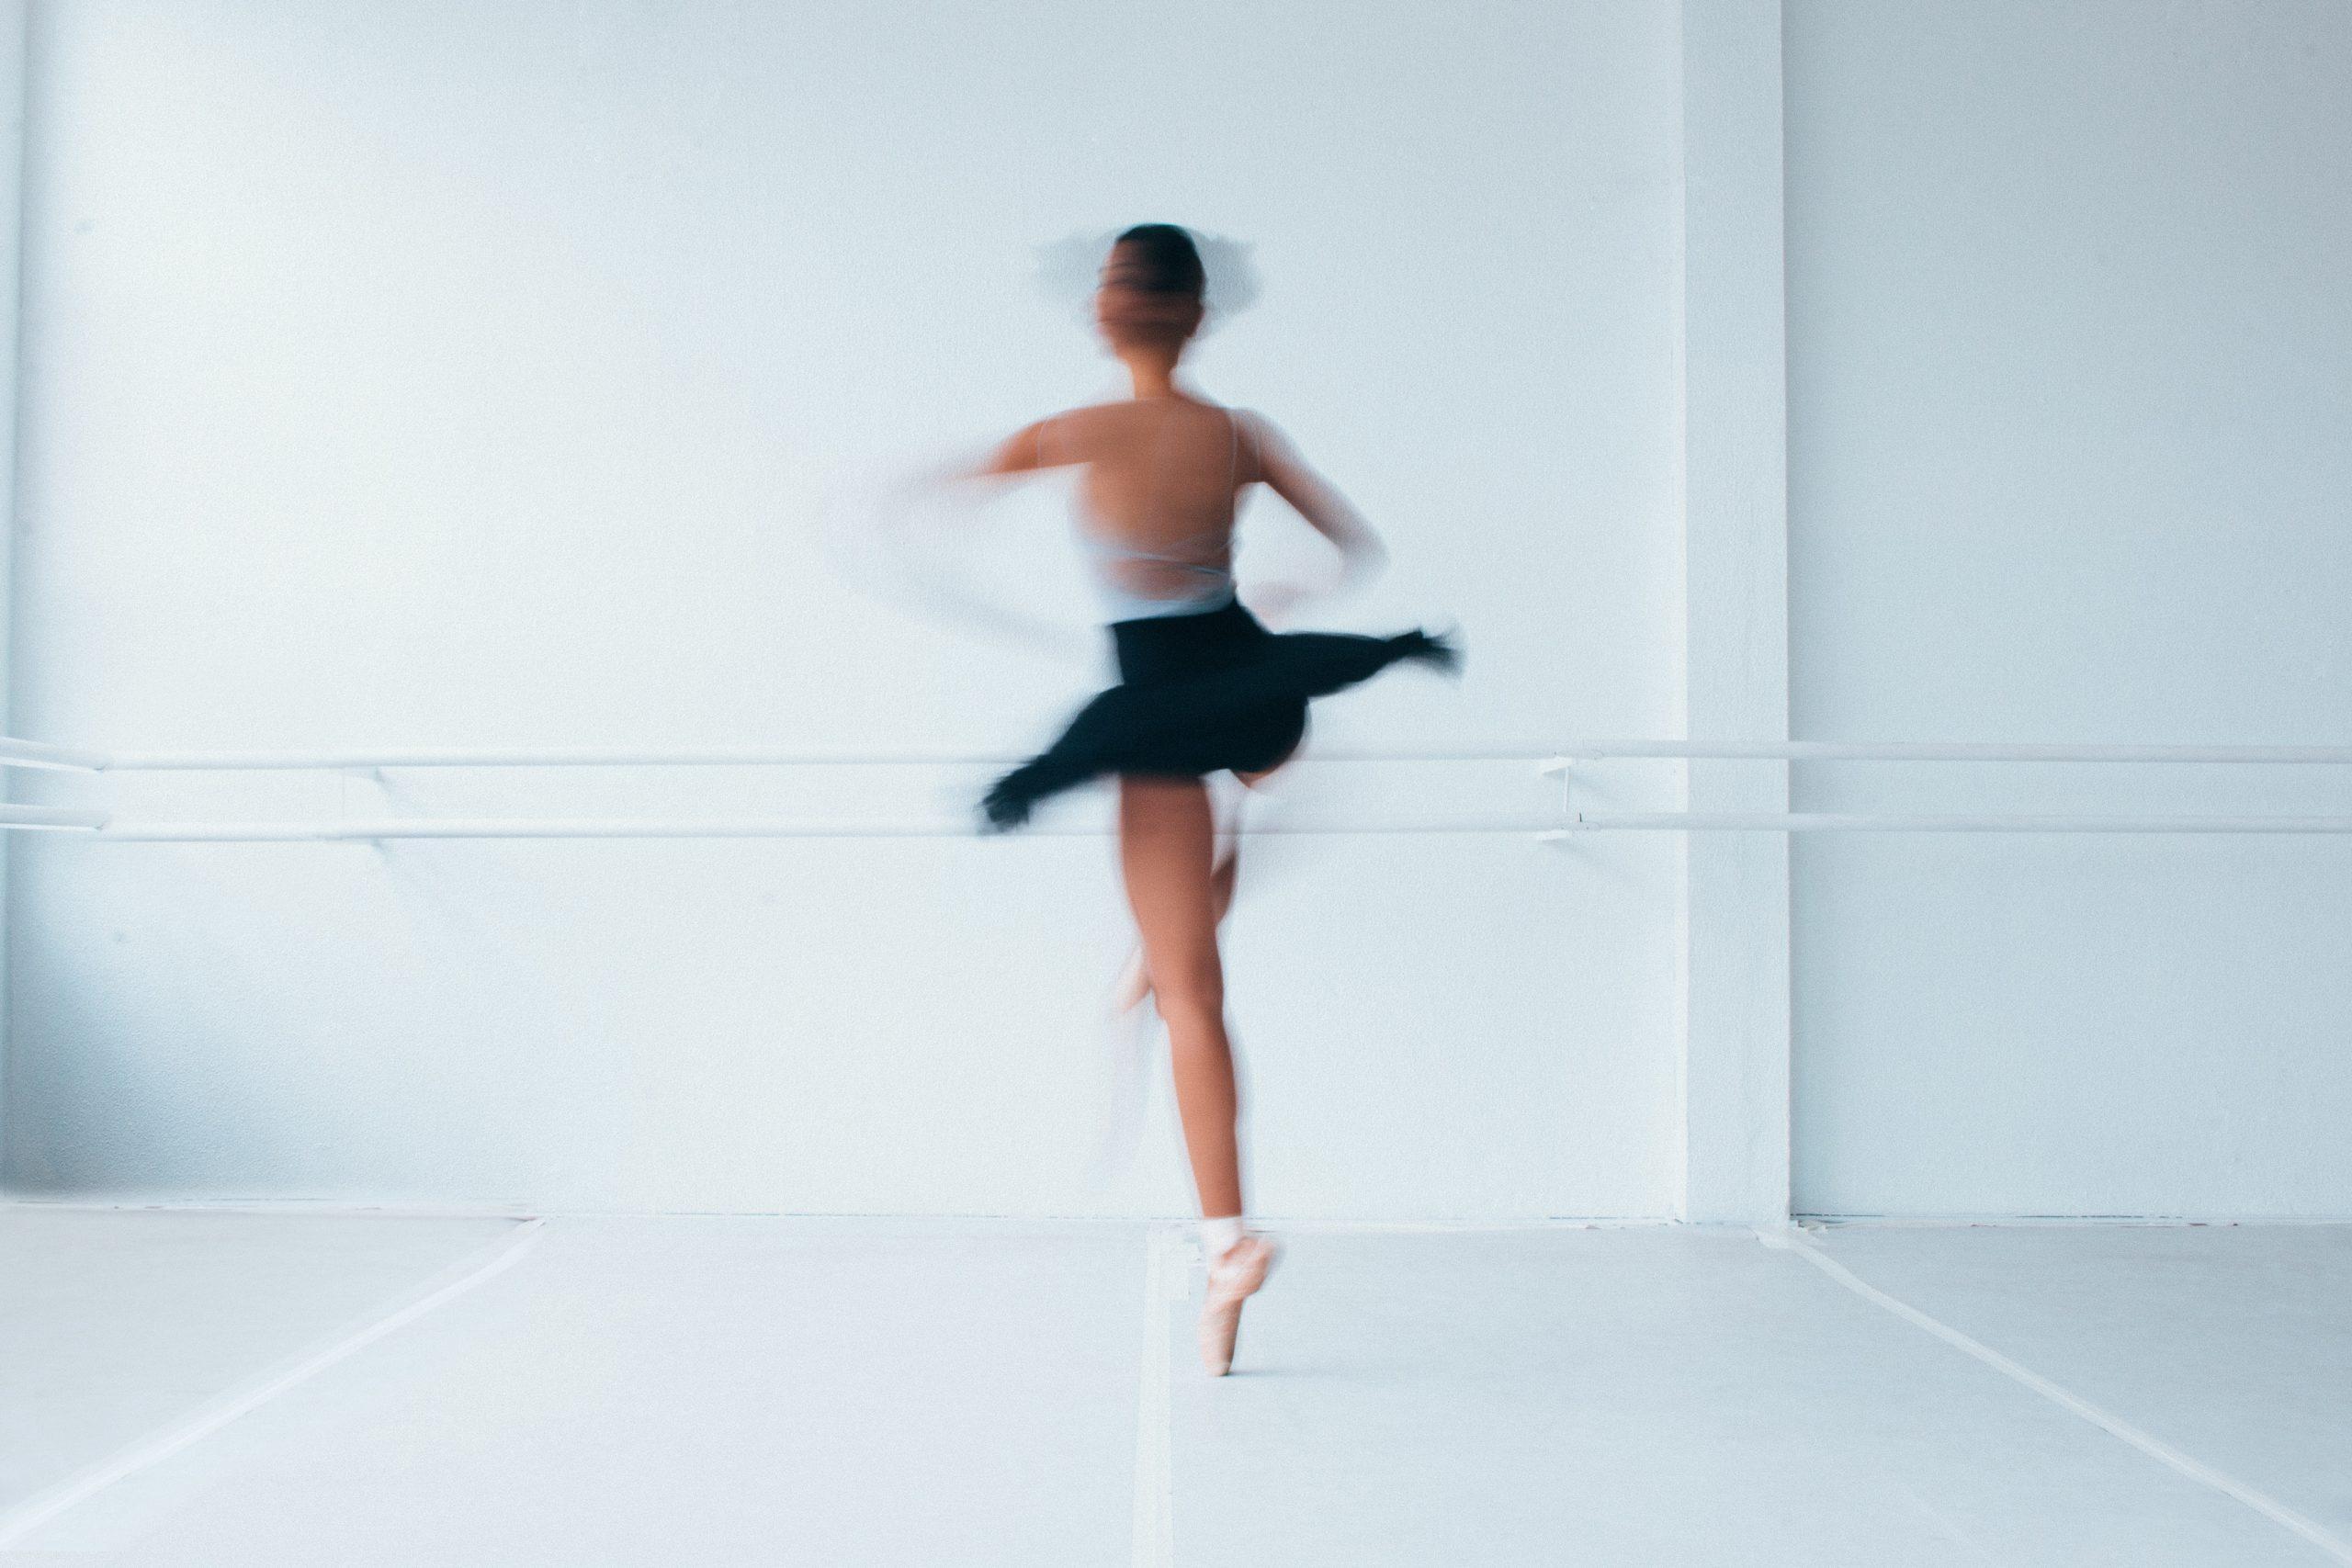 spinning-ballerina-1820148